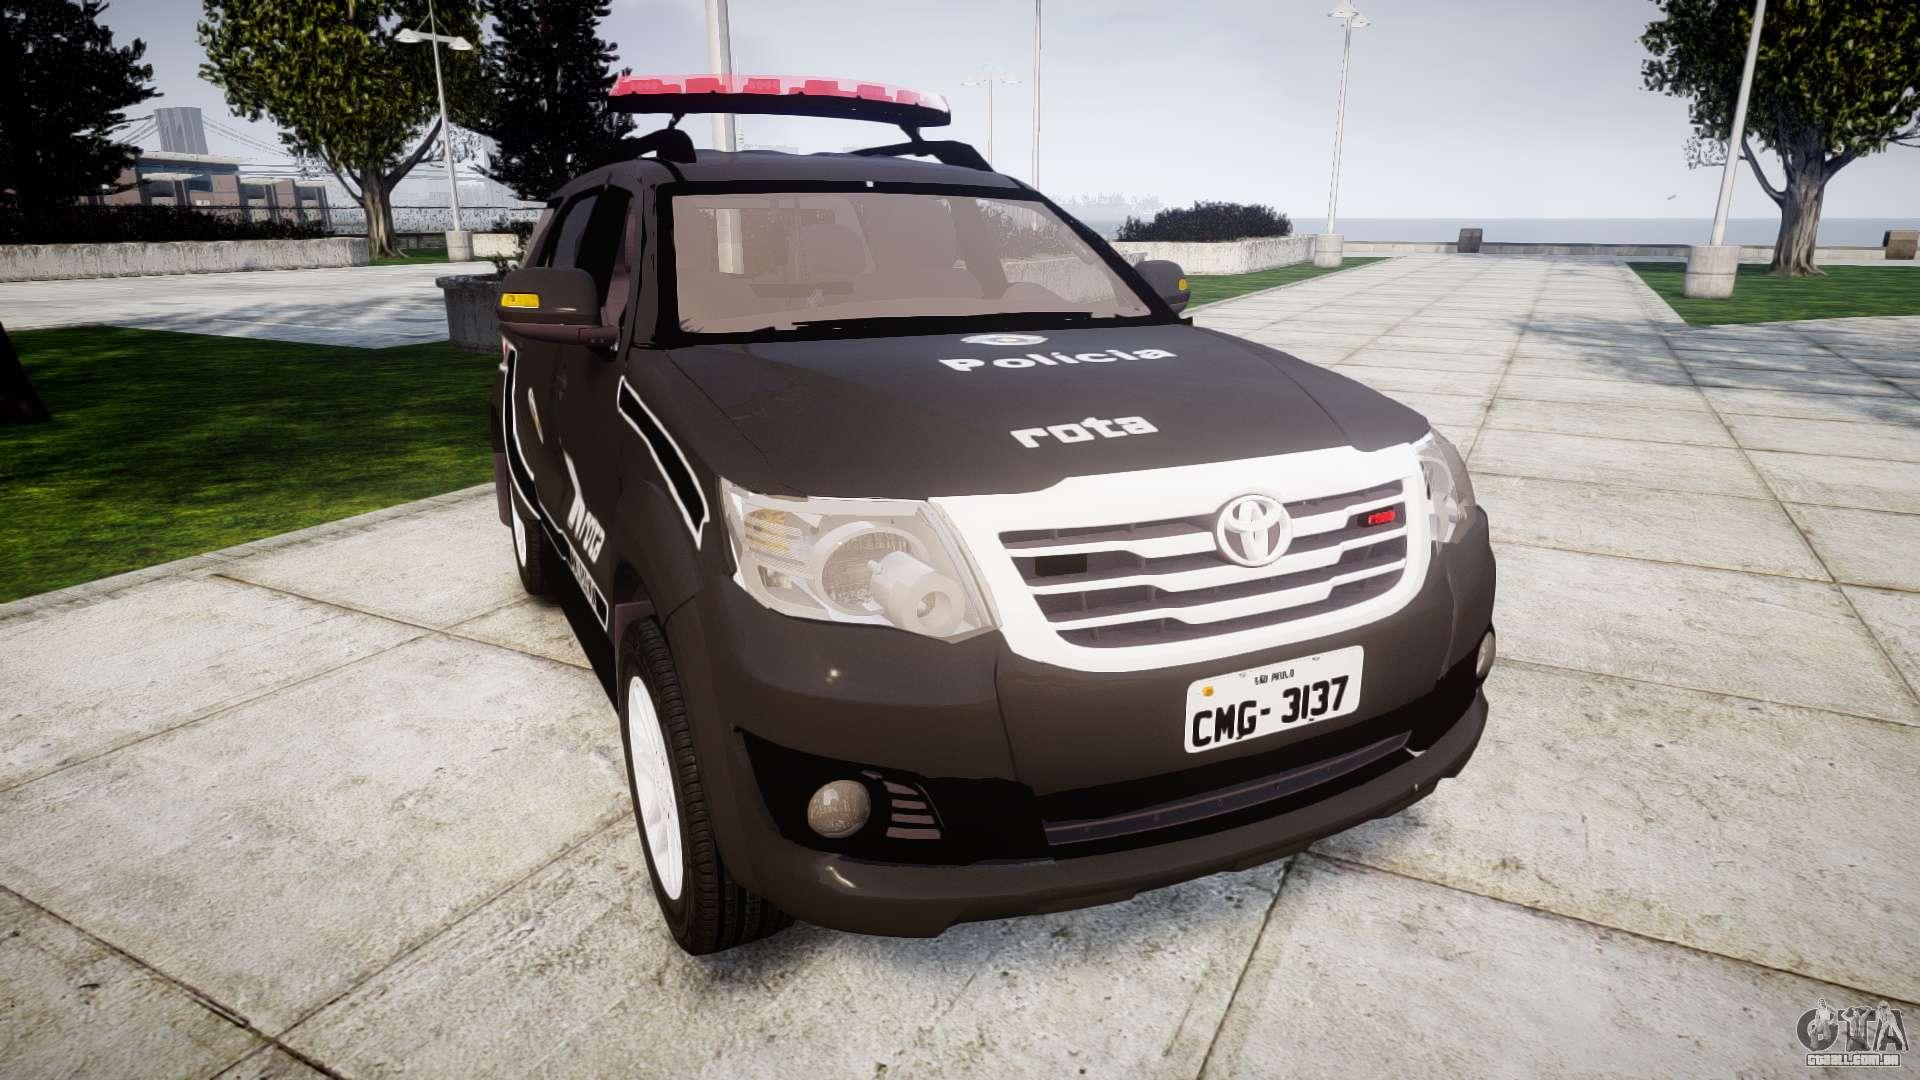 GTA BRASILEIROS PARA BAIXAR 360 XBOX CARROS 4